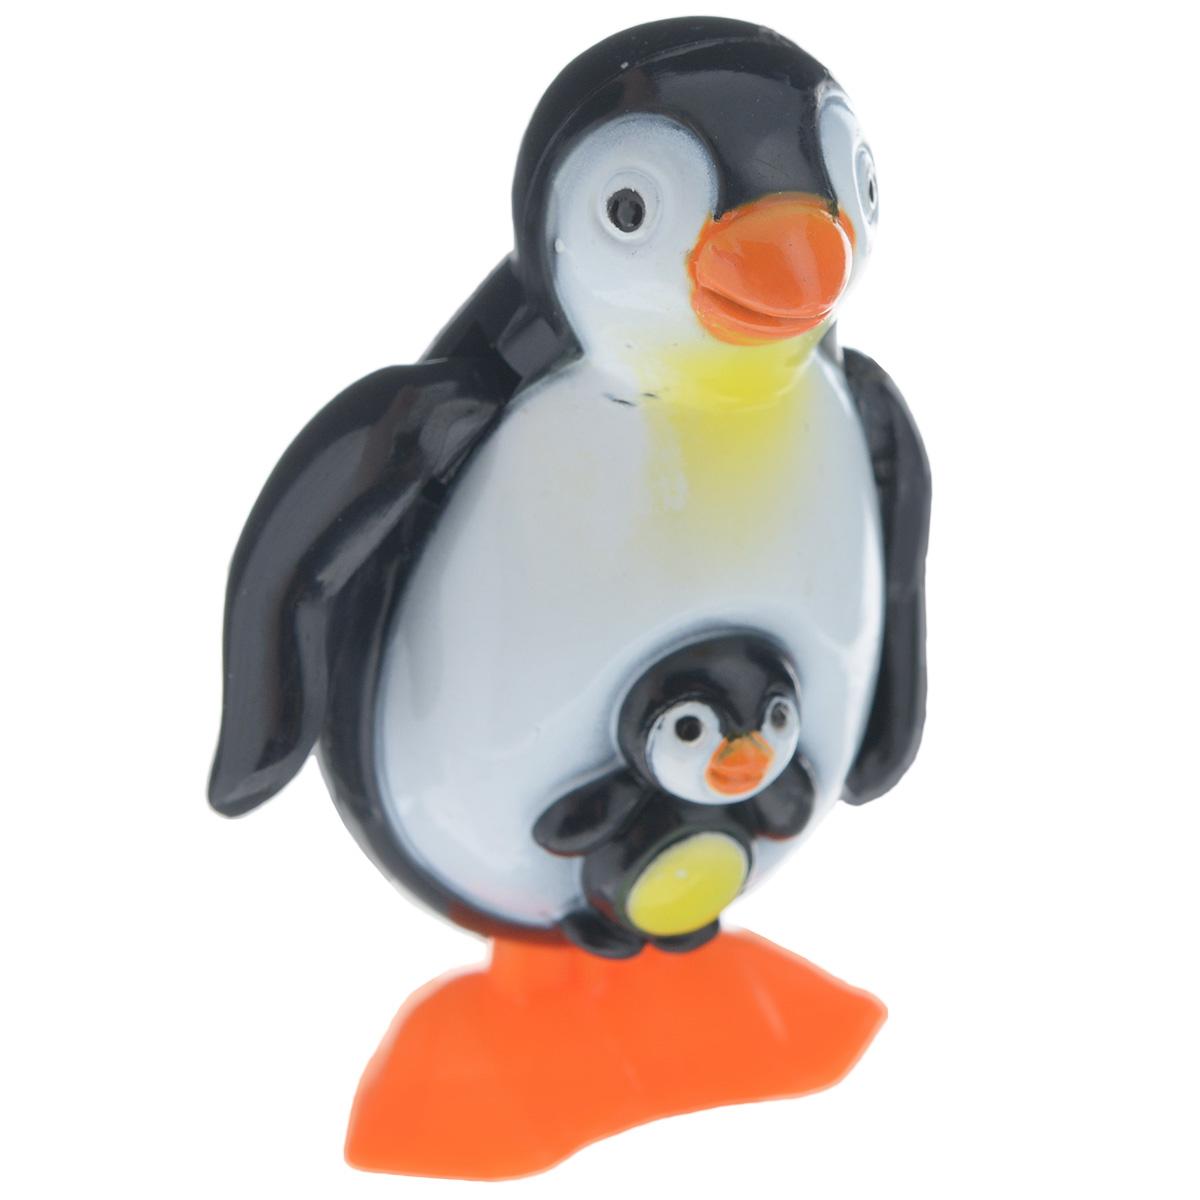 Hans Заводная игрушка Пингвин